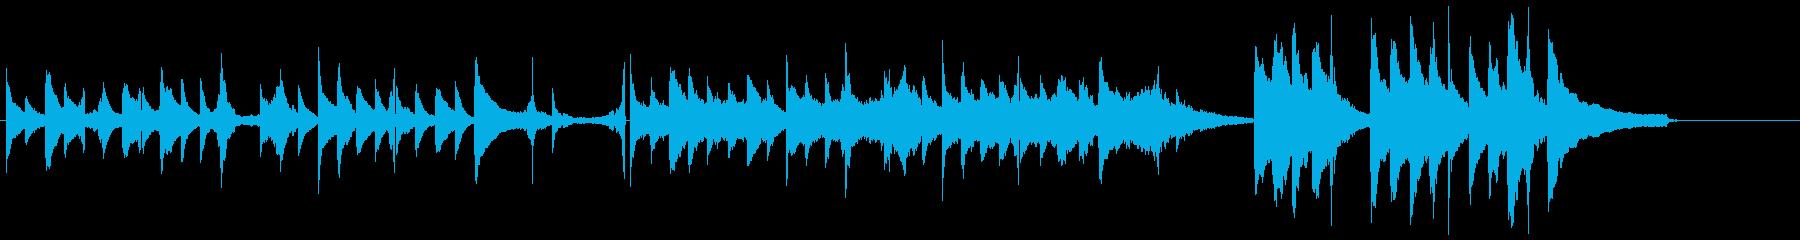 ピアノ:宇宙/交信/神秘的/回想/映像の再生済みの波形